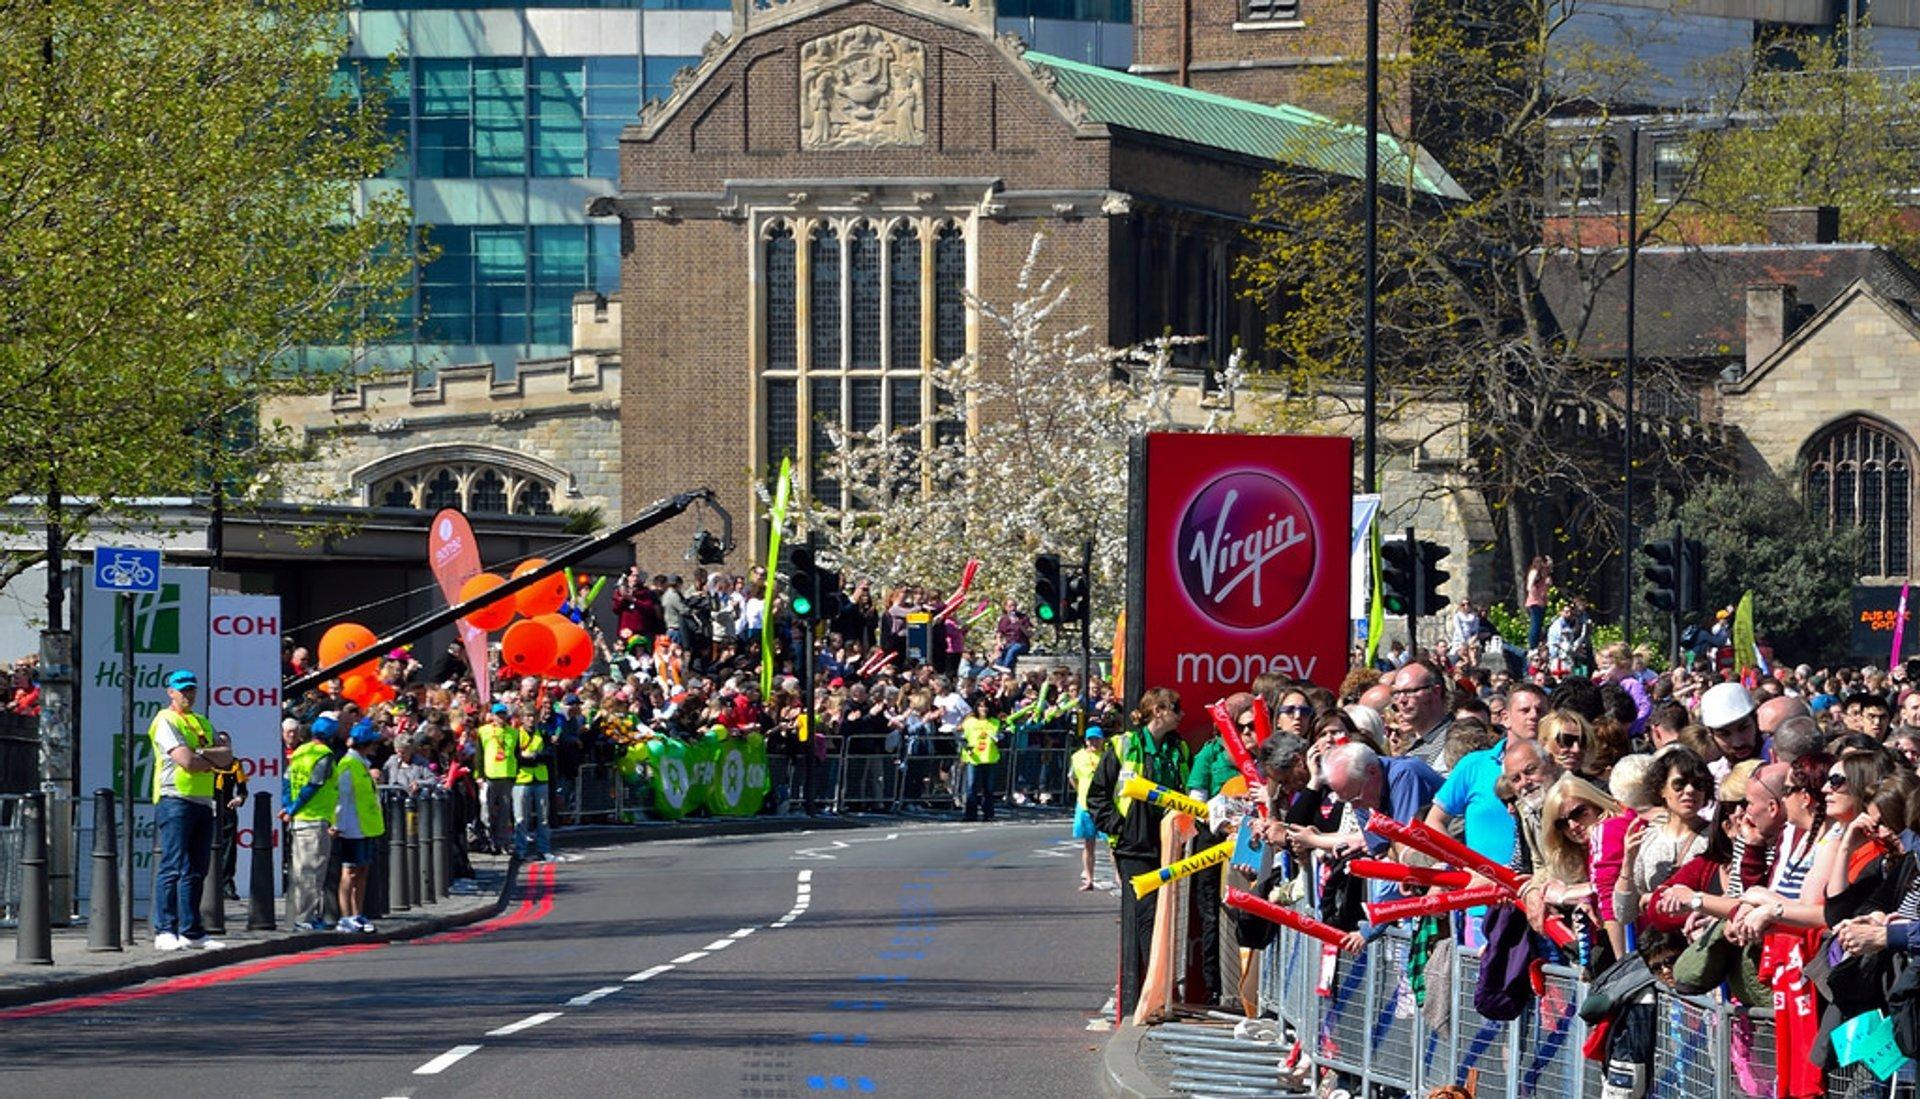 Virgin Money London Marathon in London - Best Season 2020